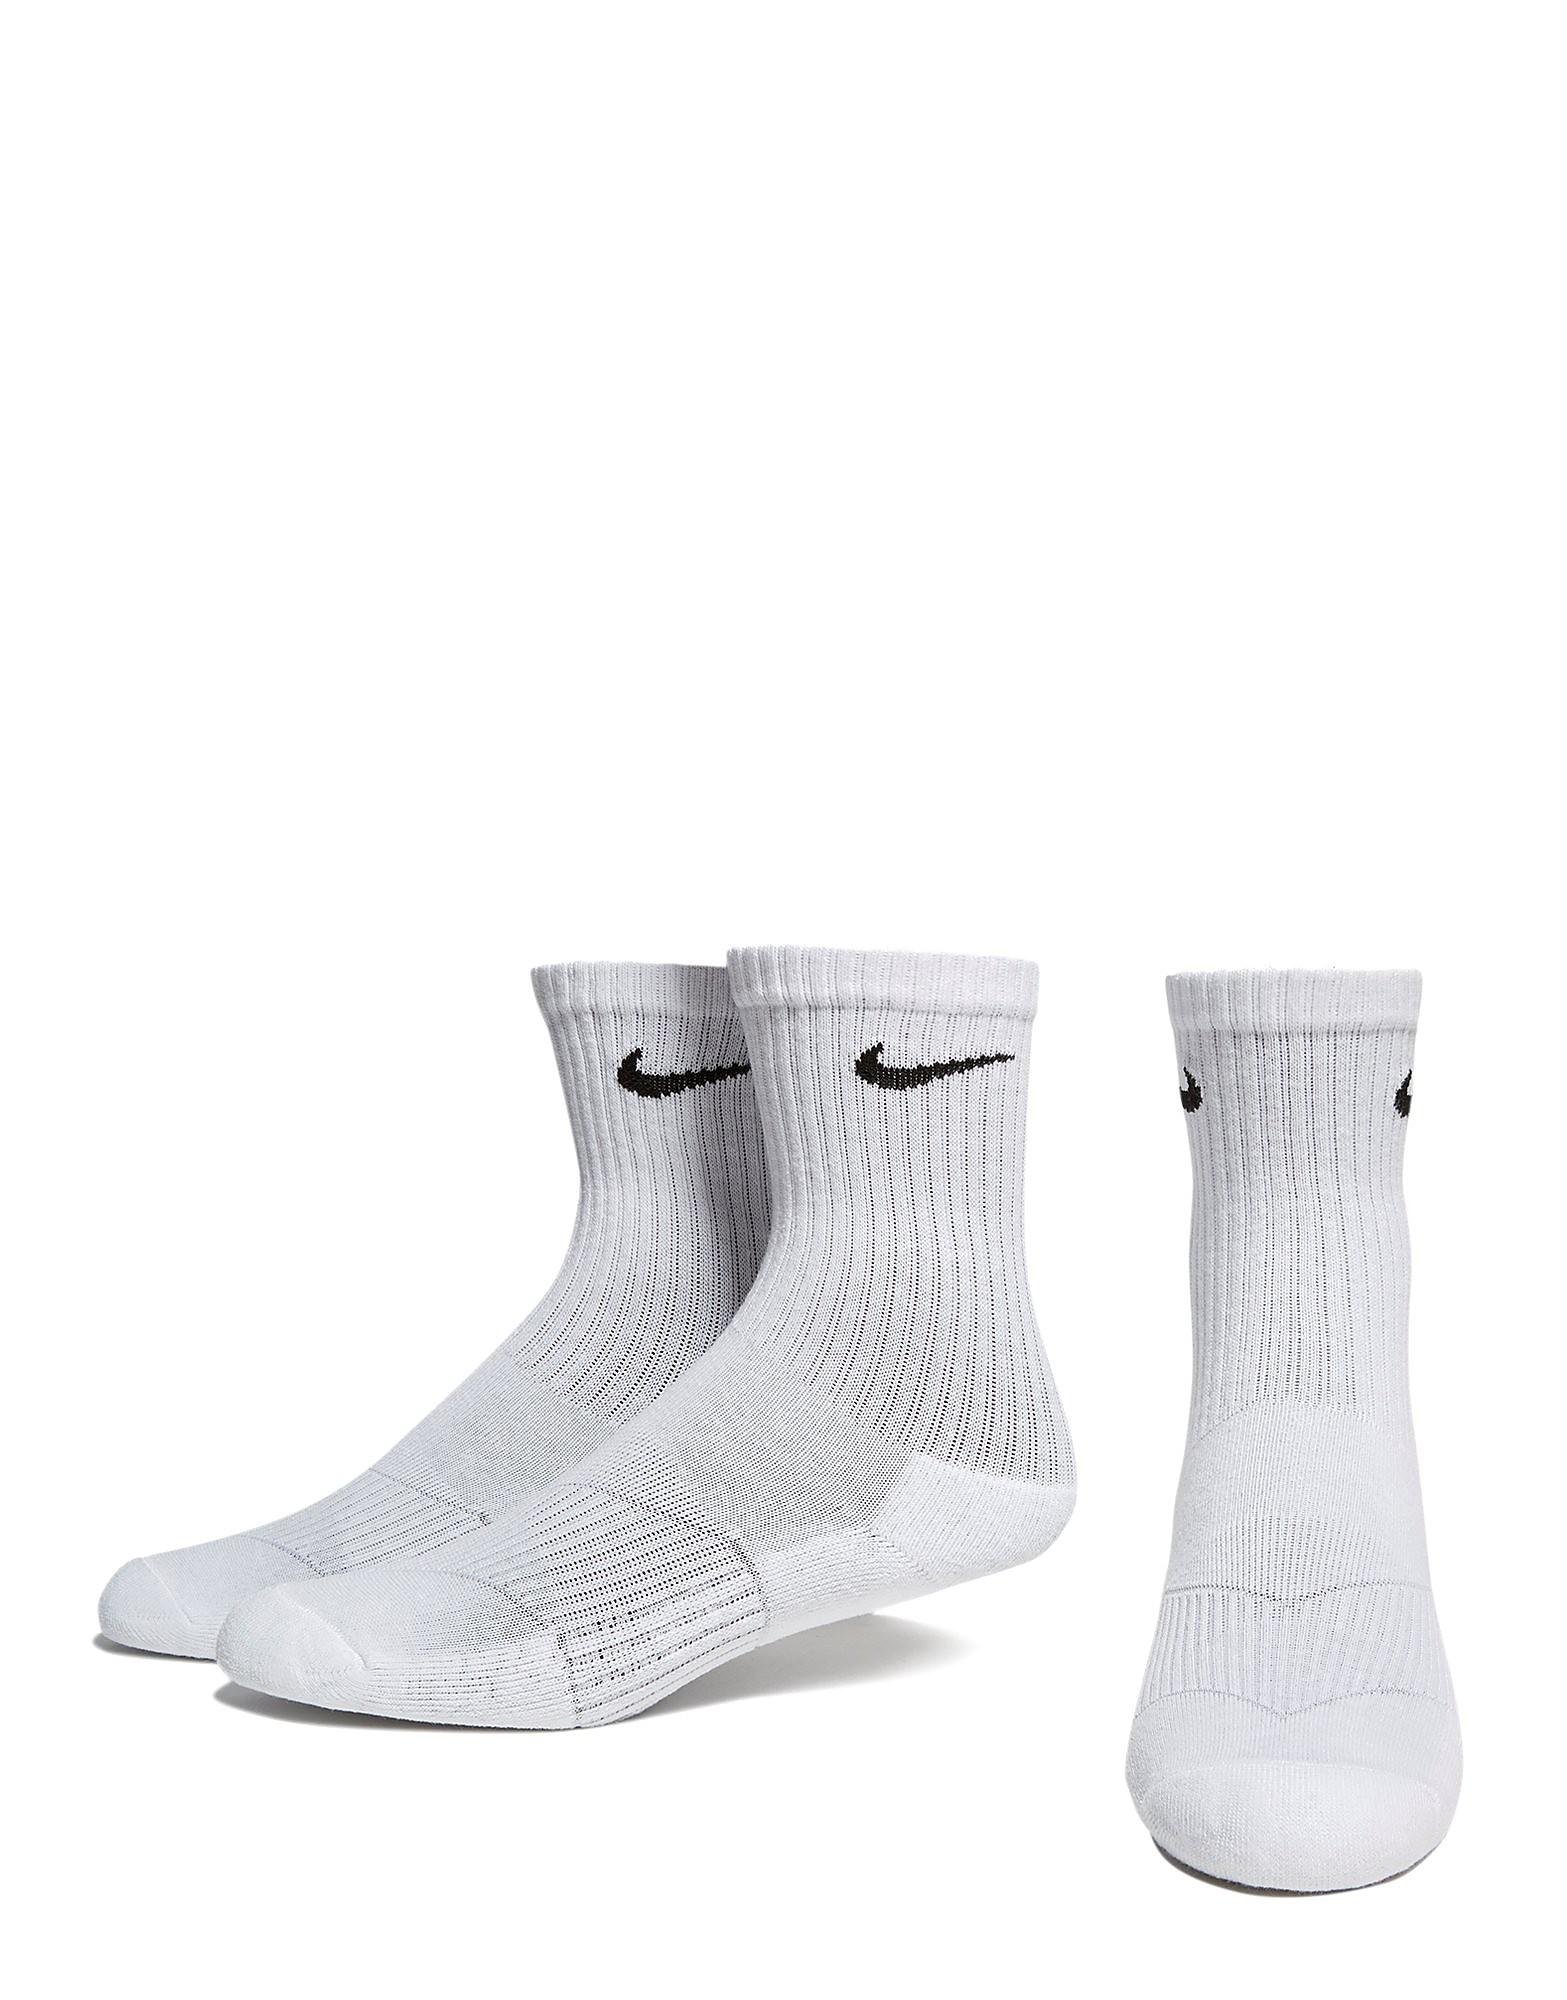 Nike Lot de 3paires de chaussettes Crew junior